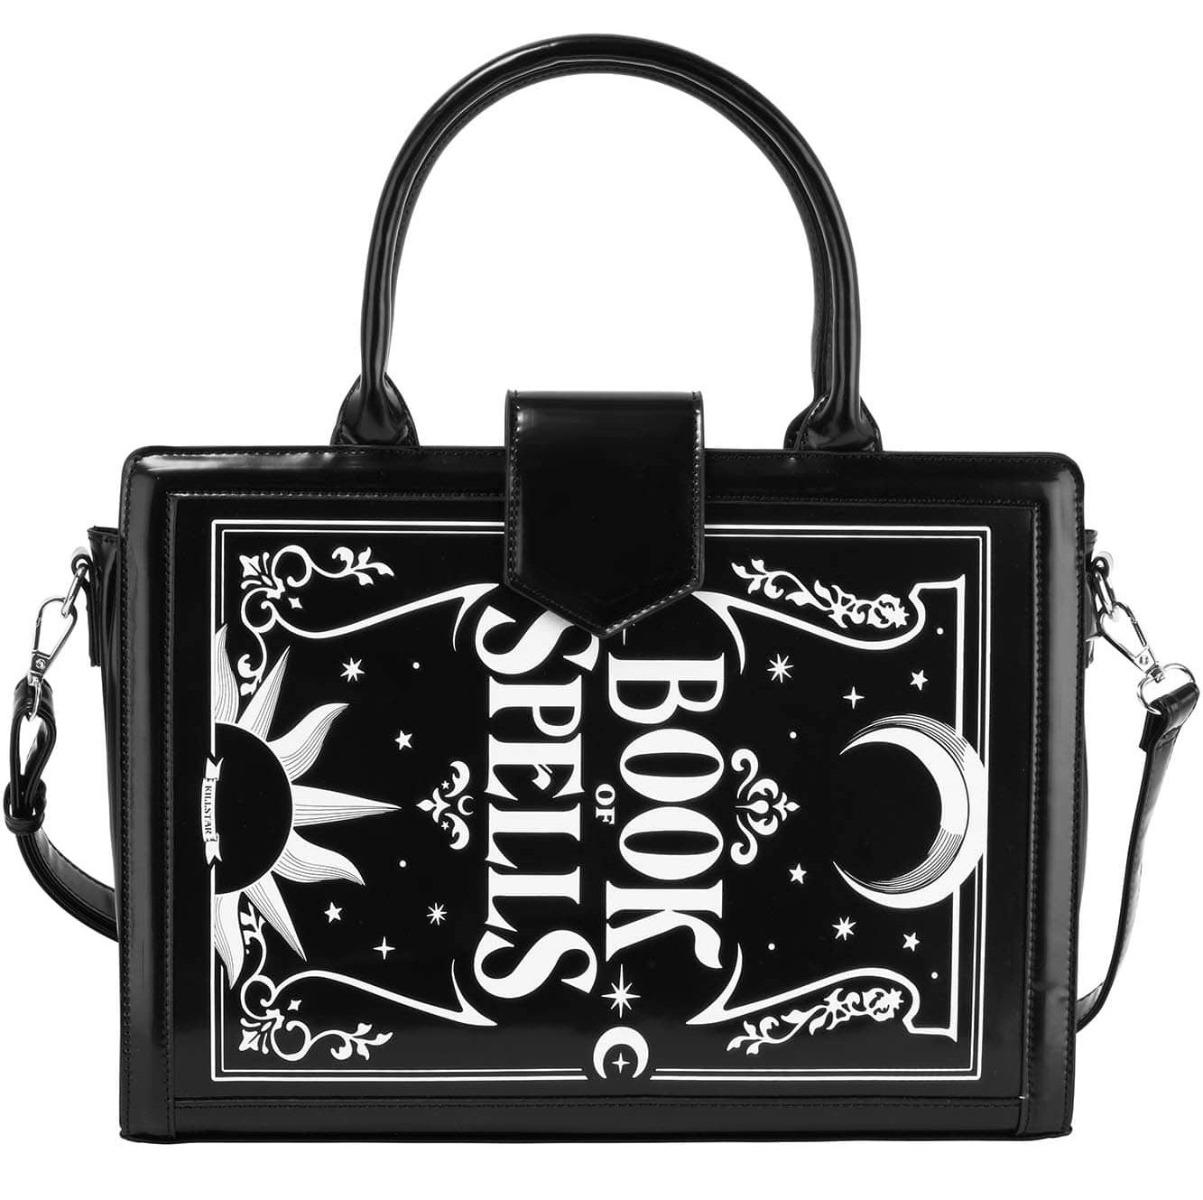 ks02749bb_sac-a-main-gothique-glam-rock-livre-totebag-spellsbook